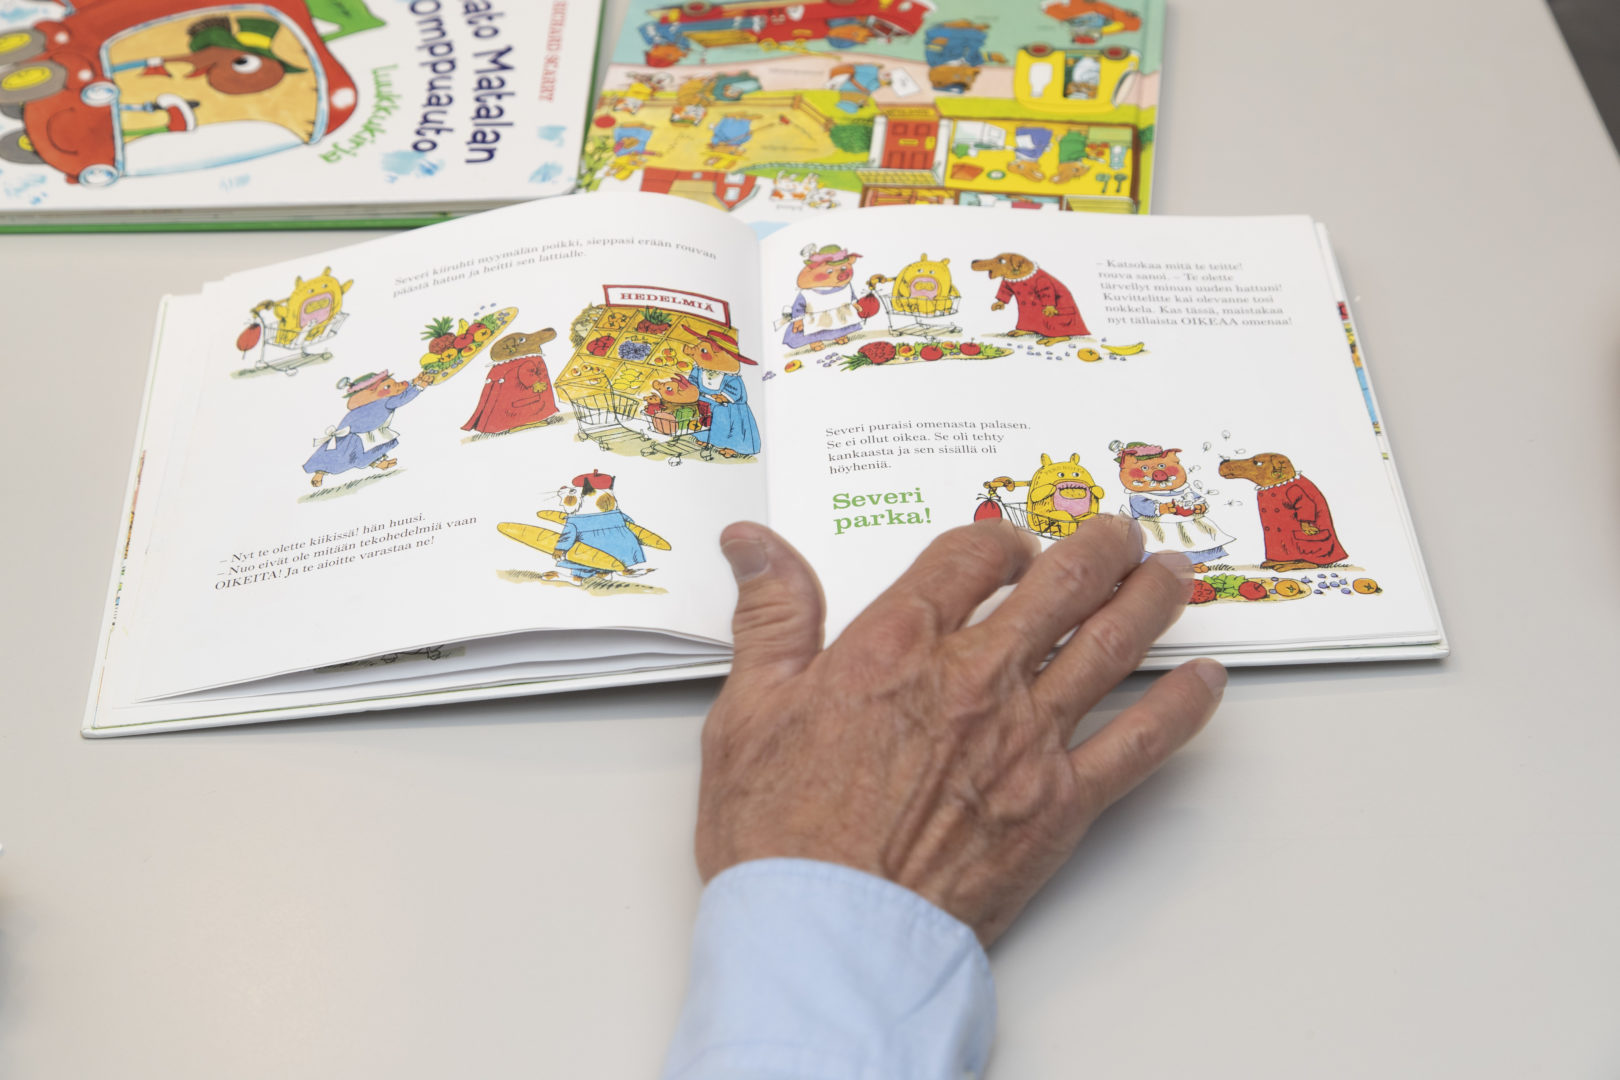 Richard Scarryn piirrokset ovat täynnä vauhtia ja hauskoja tilanteita. Se lienee yksi syy, miksi Scarryn kirjat ovat kestäneet aikaa.